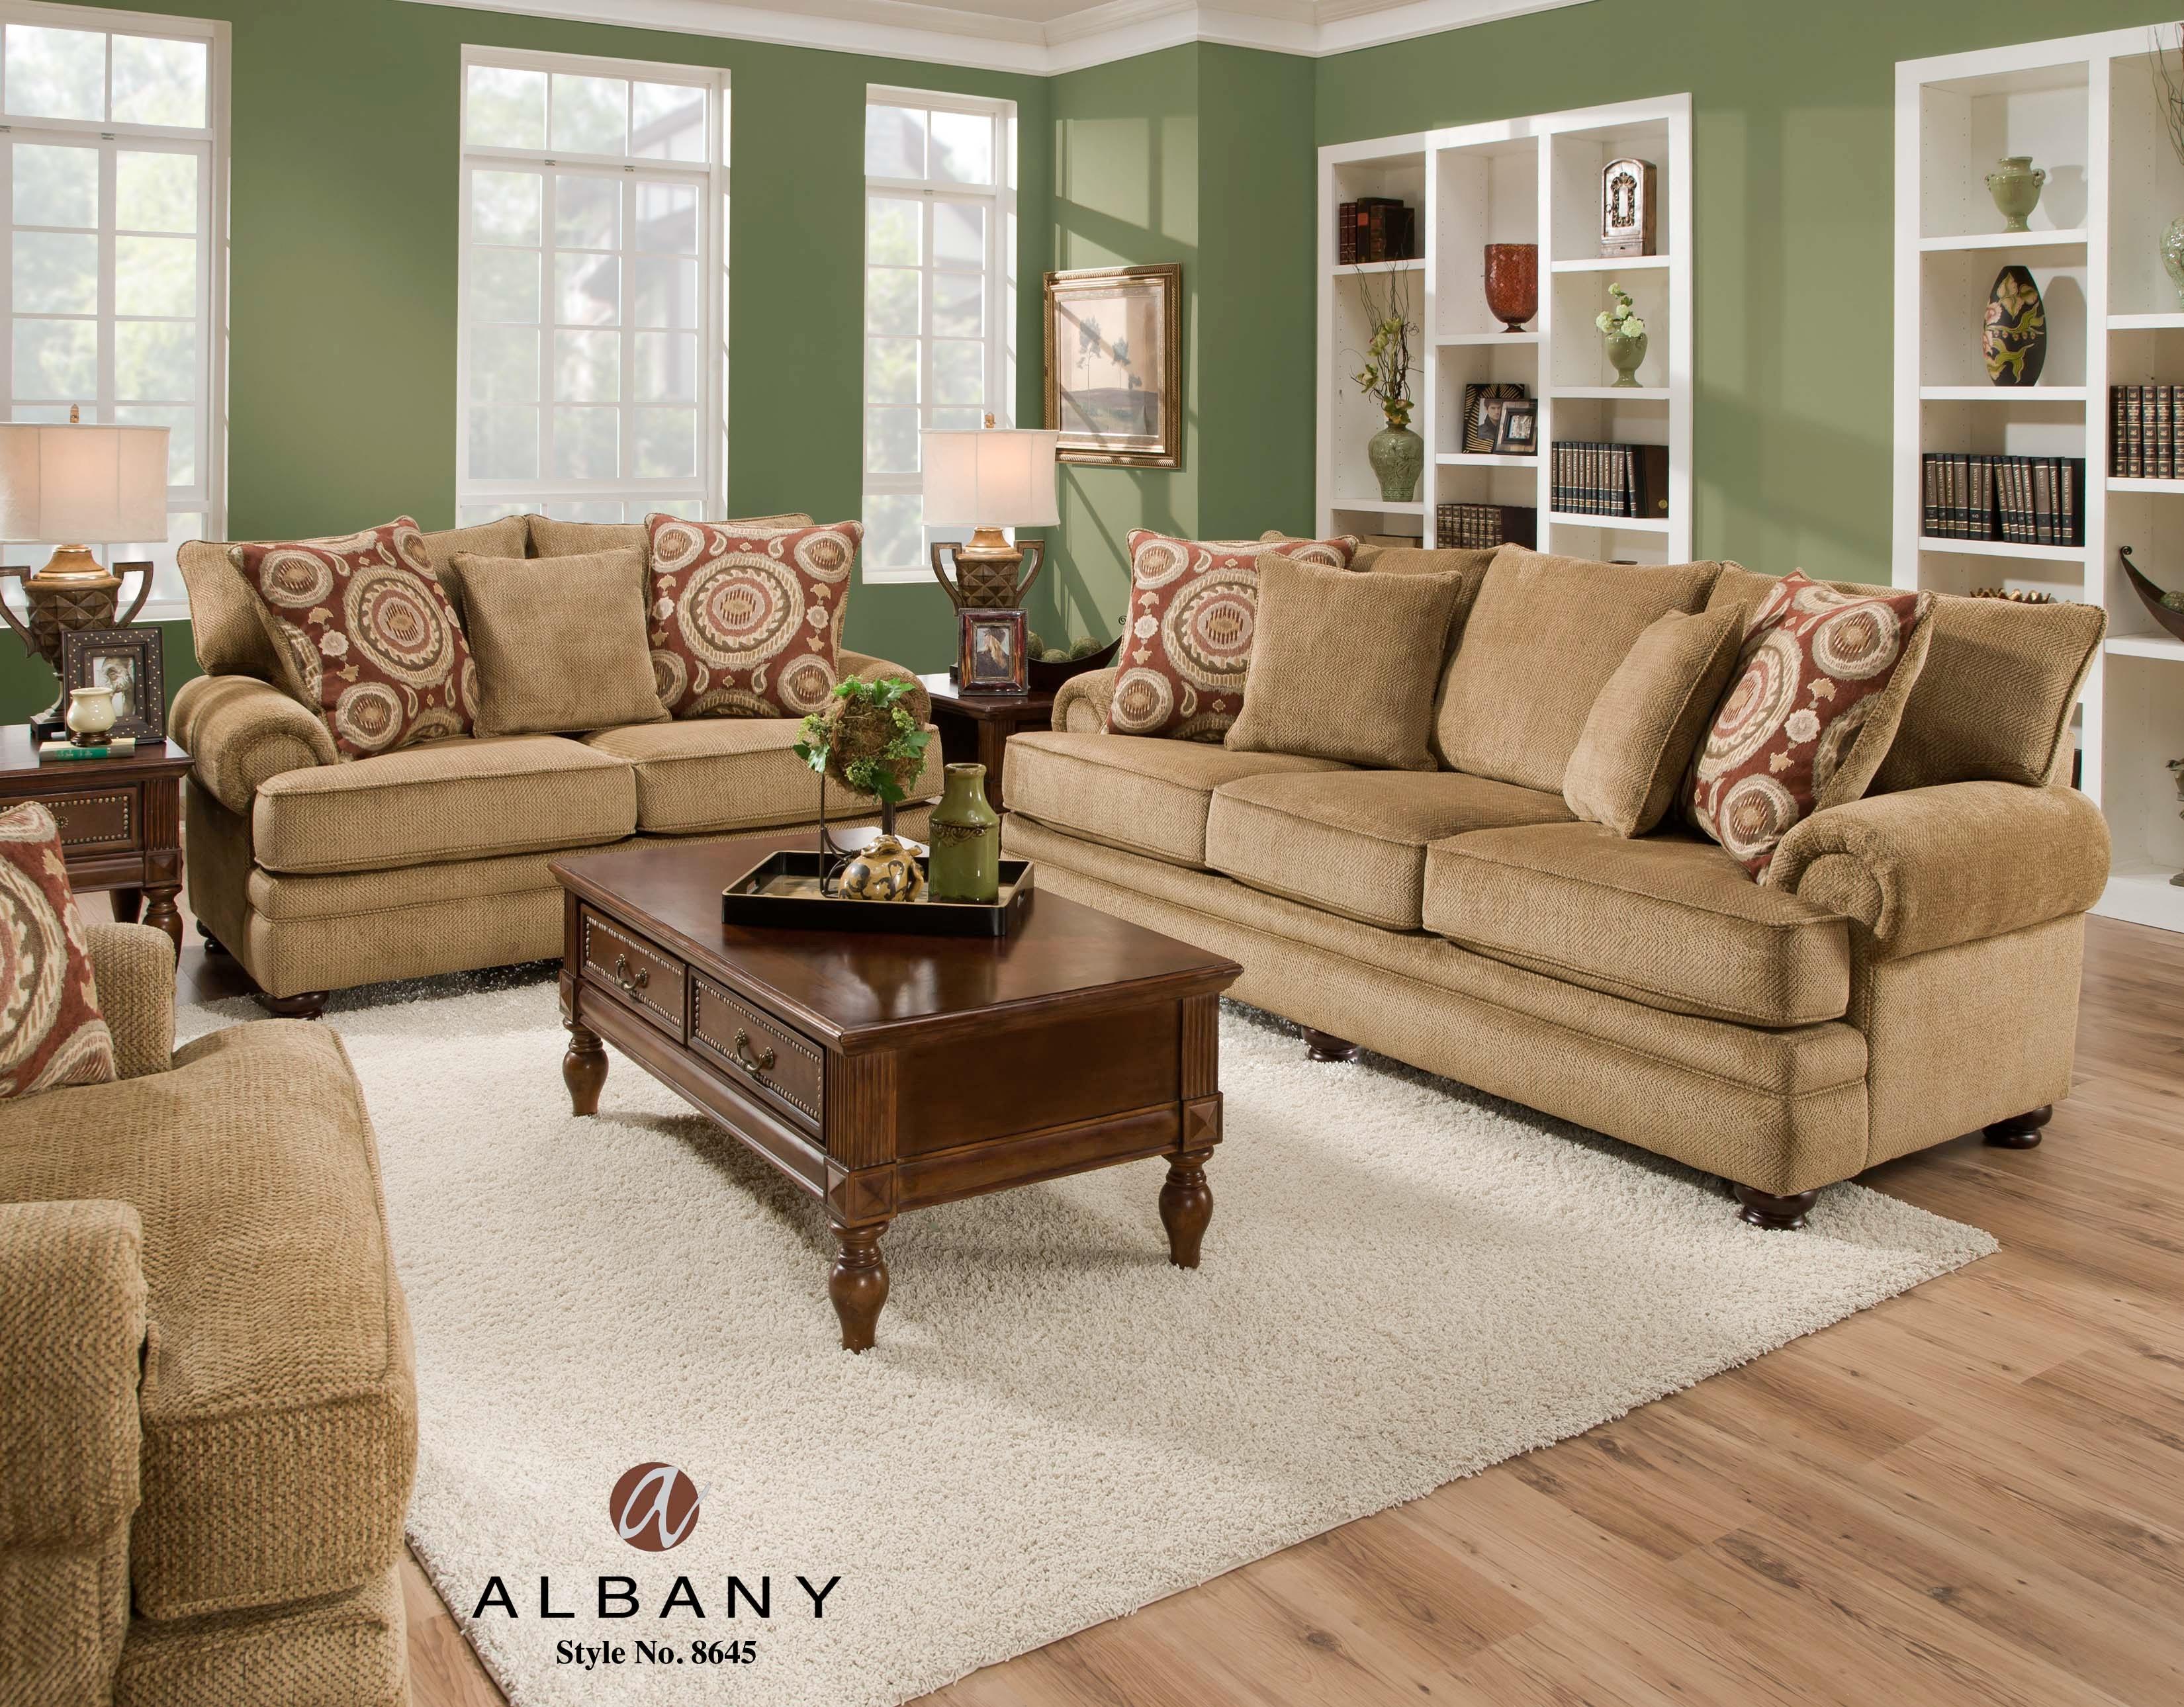 Albany Sofa 8645 00